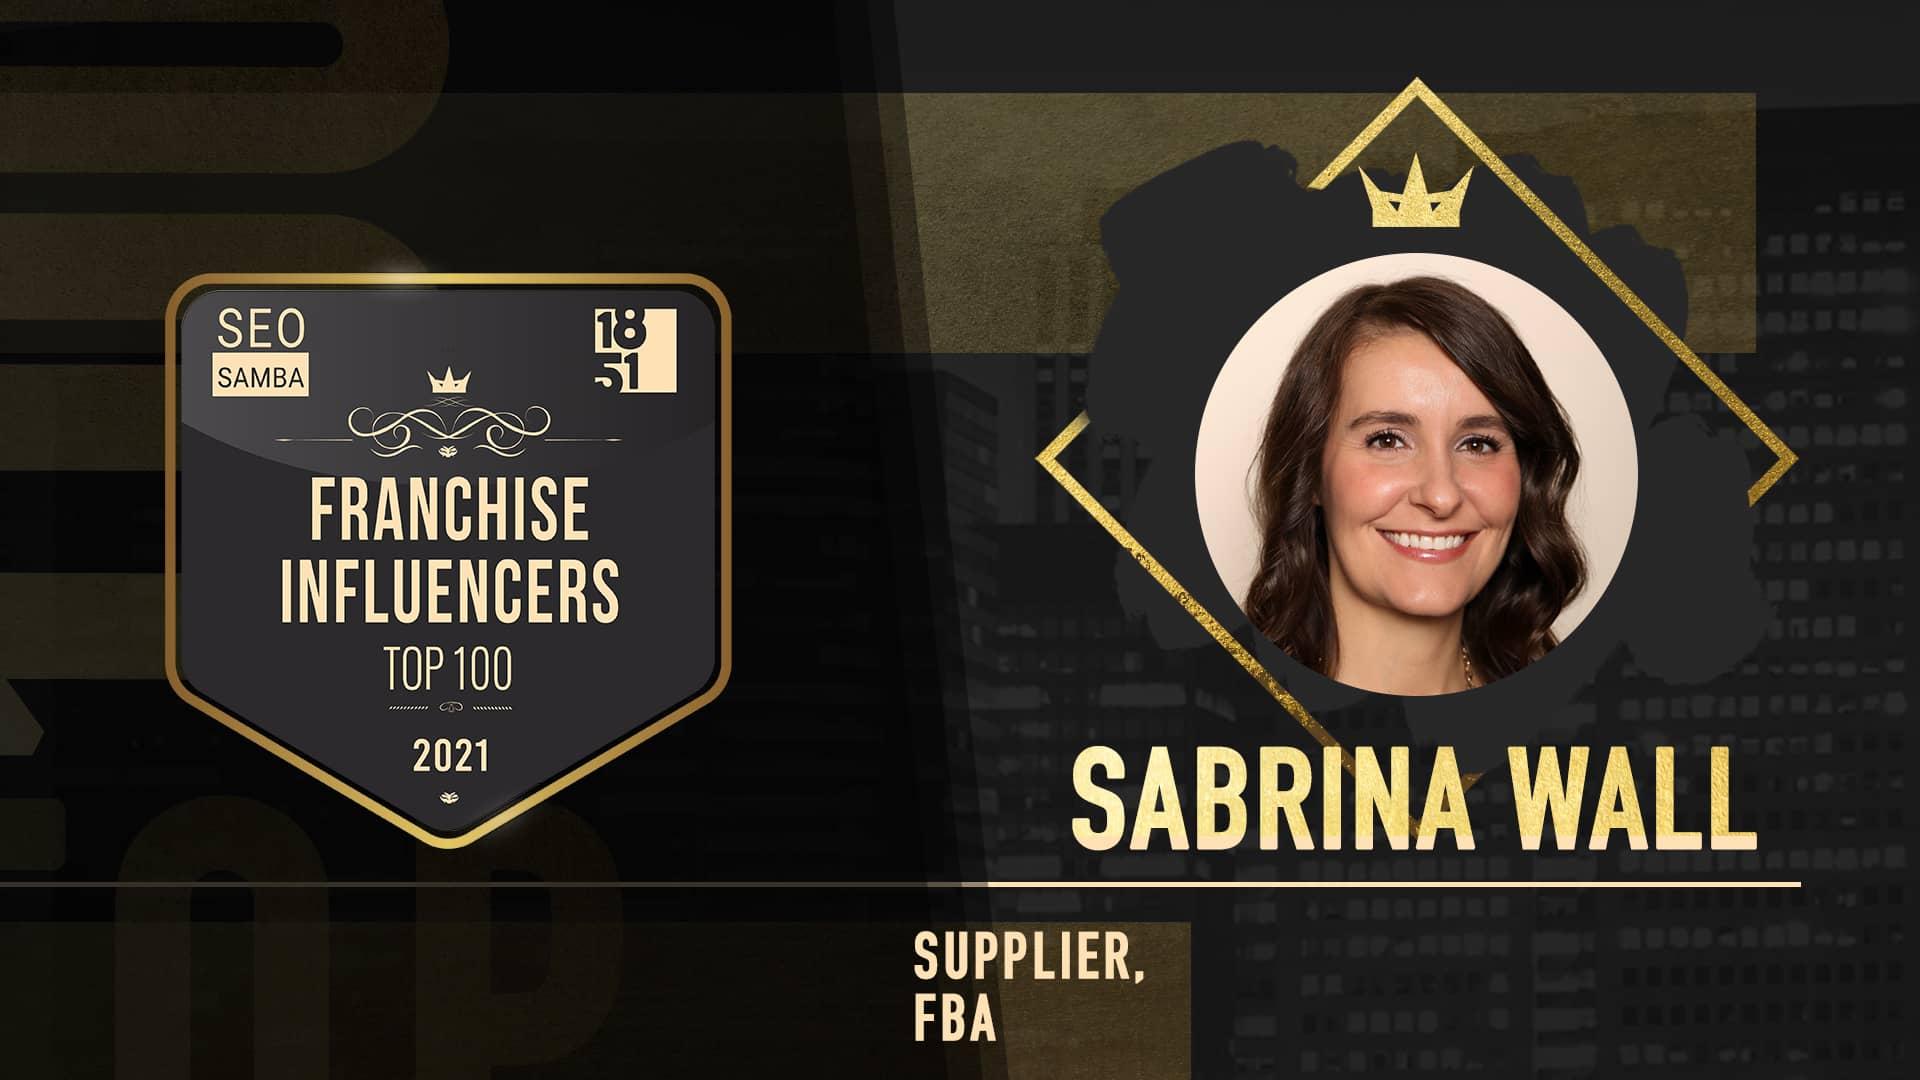 sabrina-wall-fba